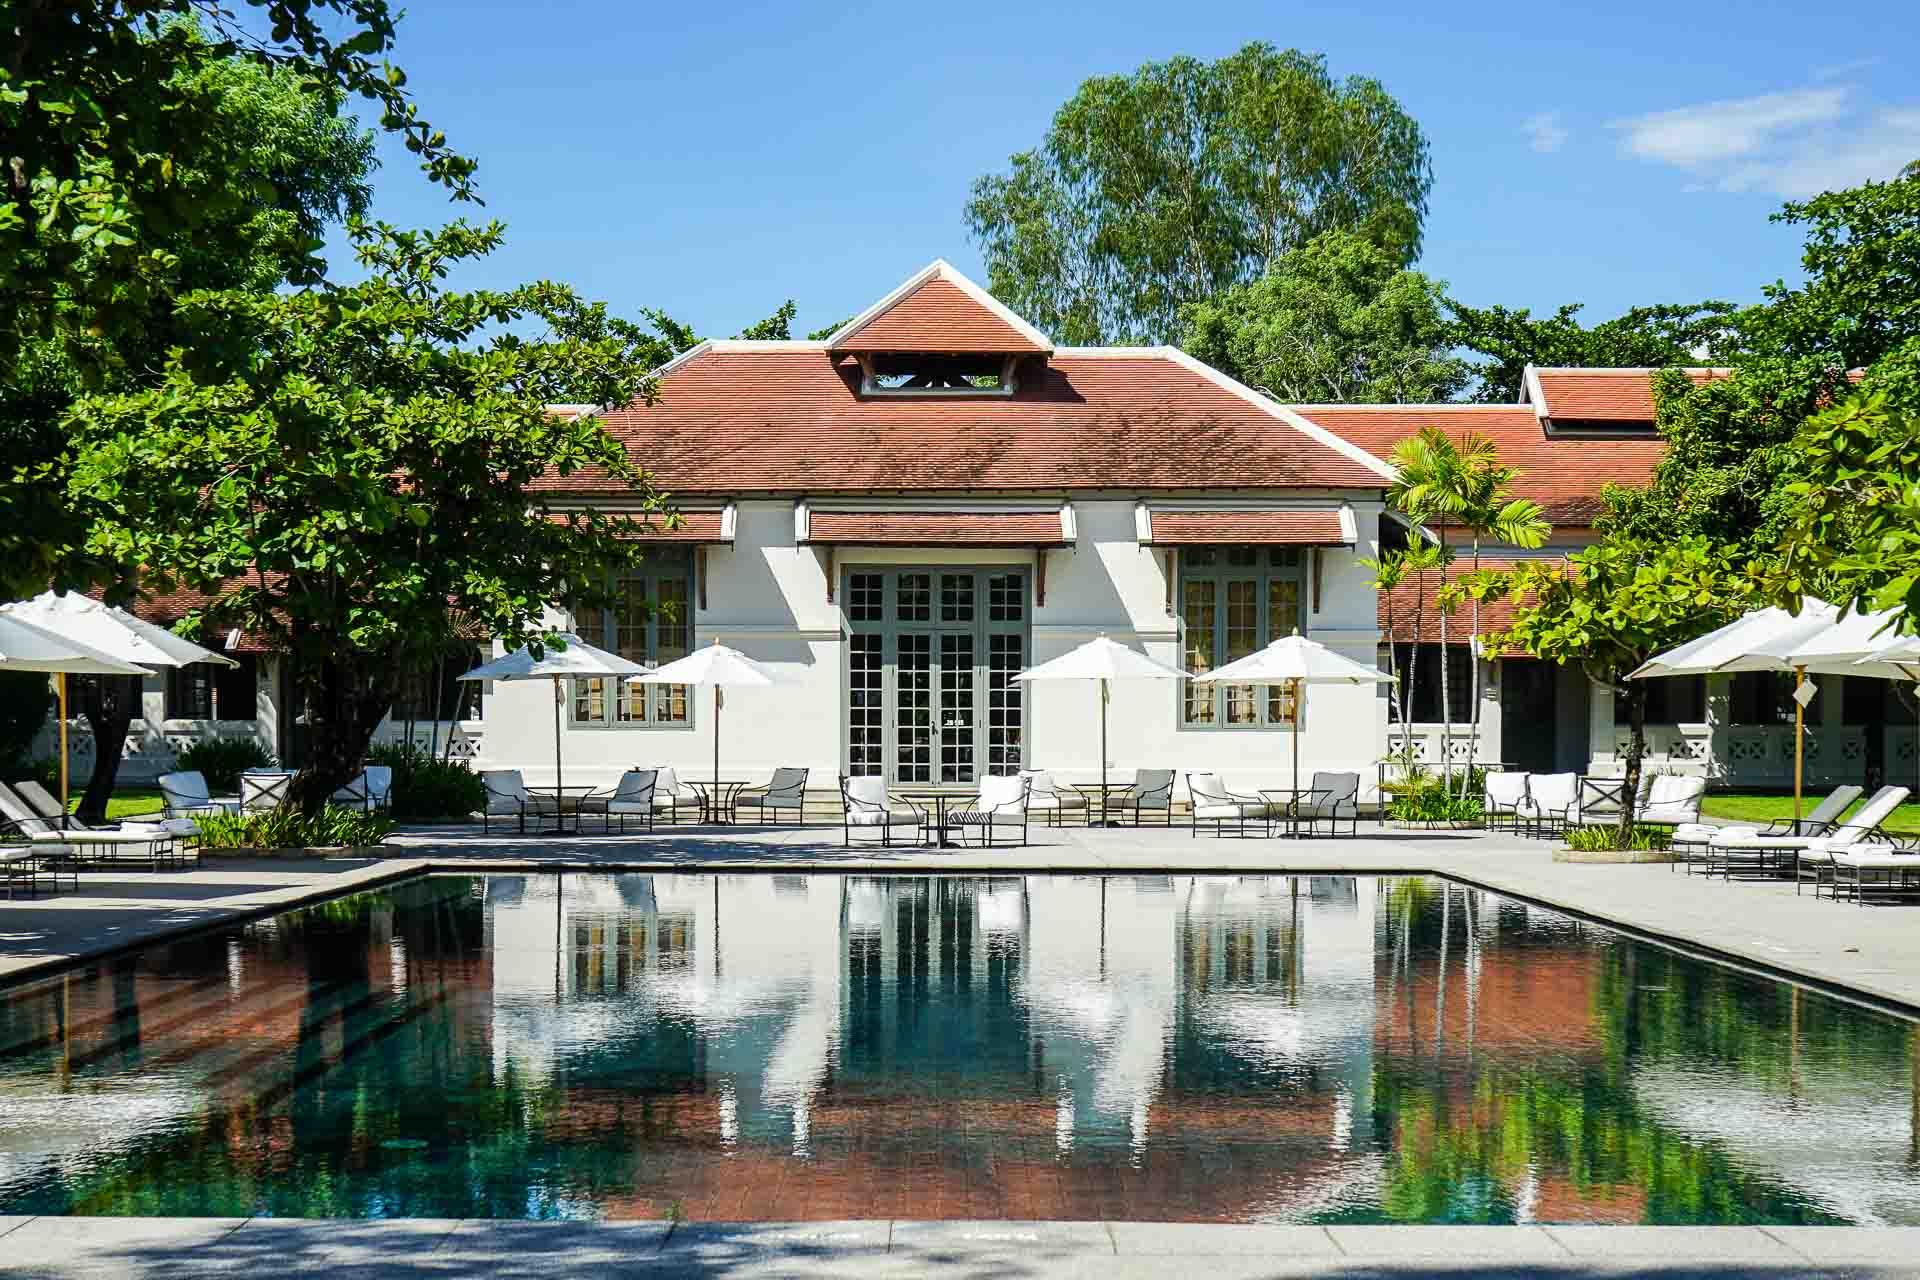 En transformant un ancien hôpital colonial inscrit au Patrimoine mondial de l'UNESCO en sublime hôtel de luxe, Aman a fait d'Amantaka, son unique propriété laotienne, la plus belle adresse de Luang Prabang. Coup de cœur absolu.